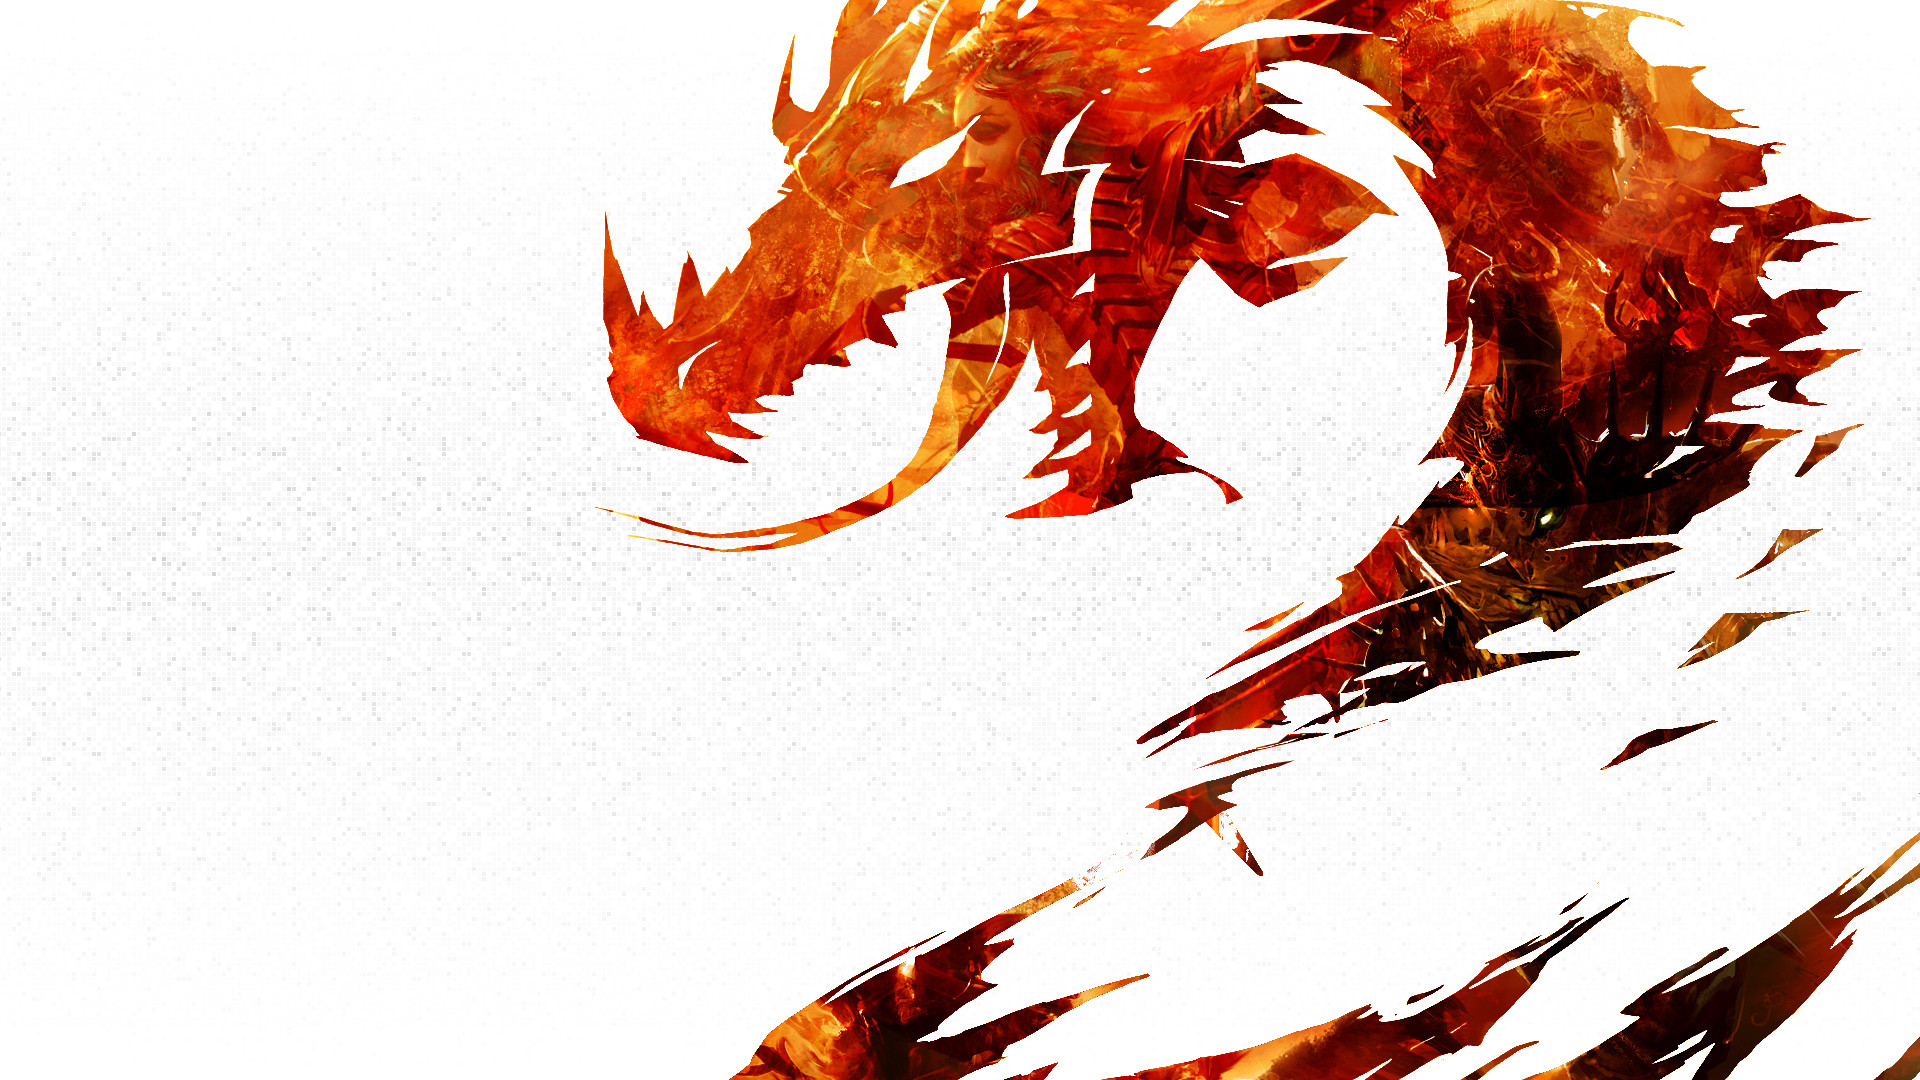 Dragon War Game Image Wallpaper | WallpaperLepi